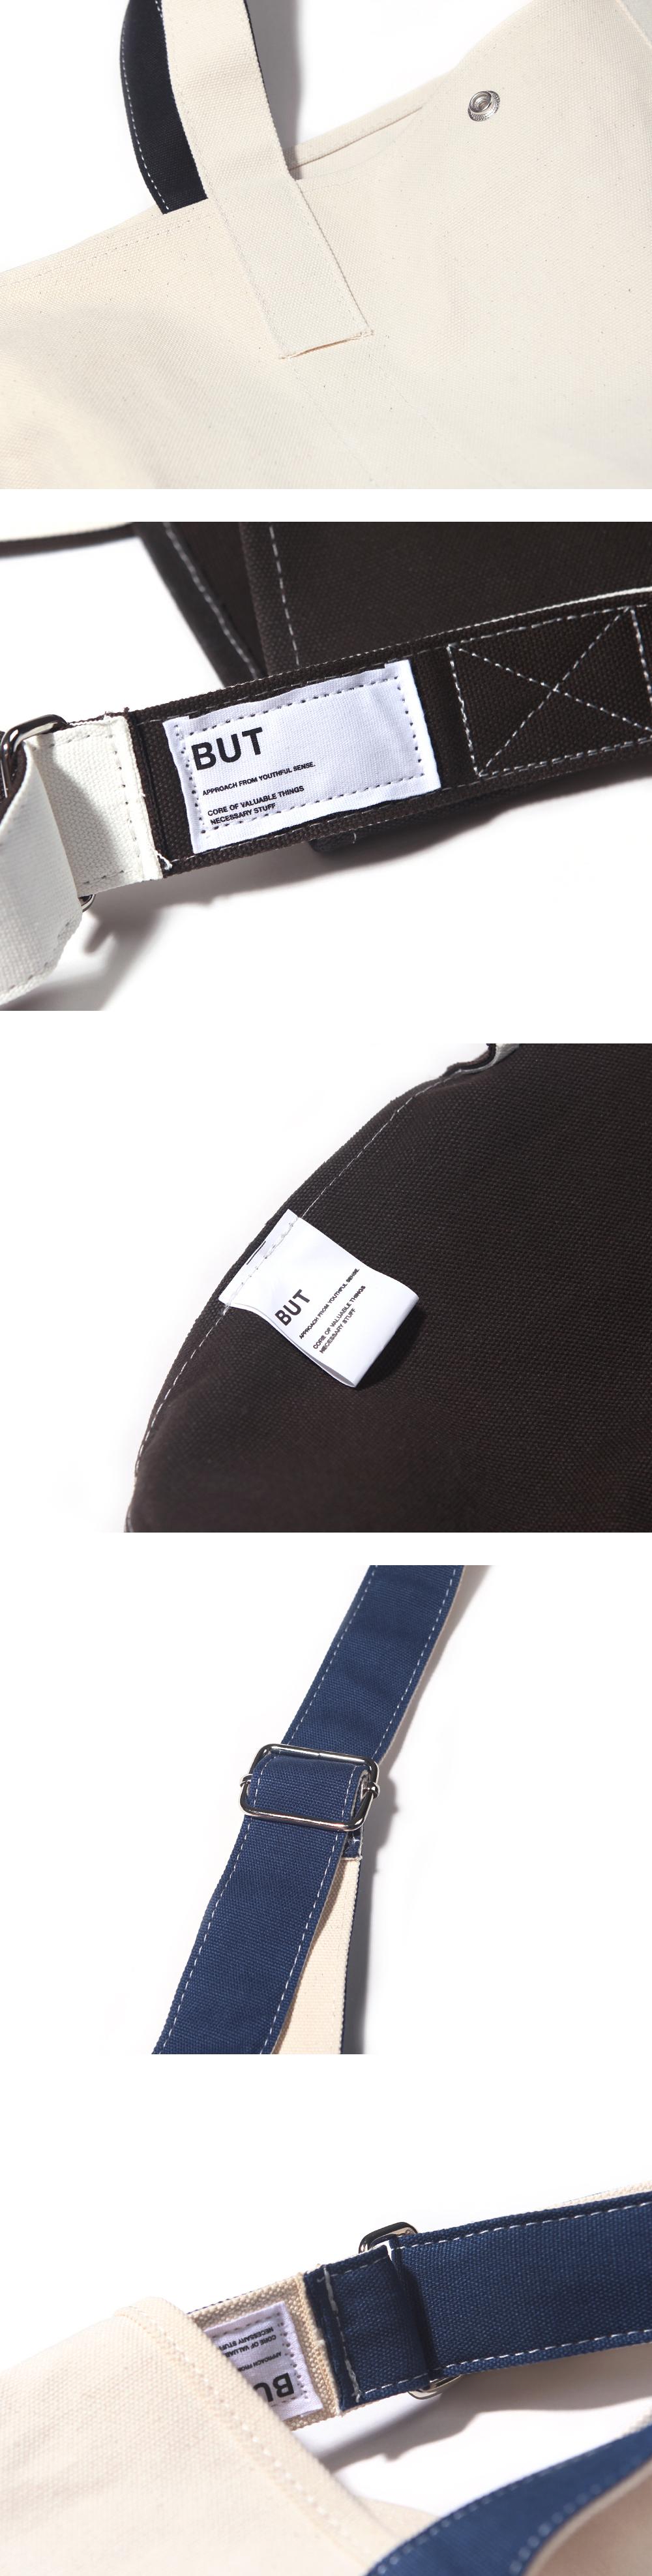 스탠다드 토트-네추럴/블랙